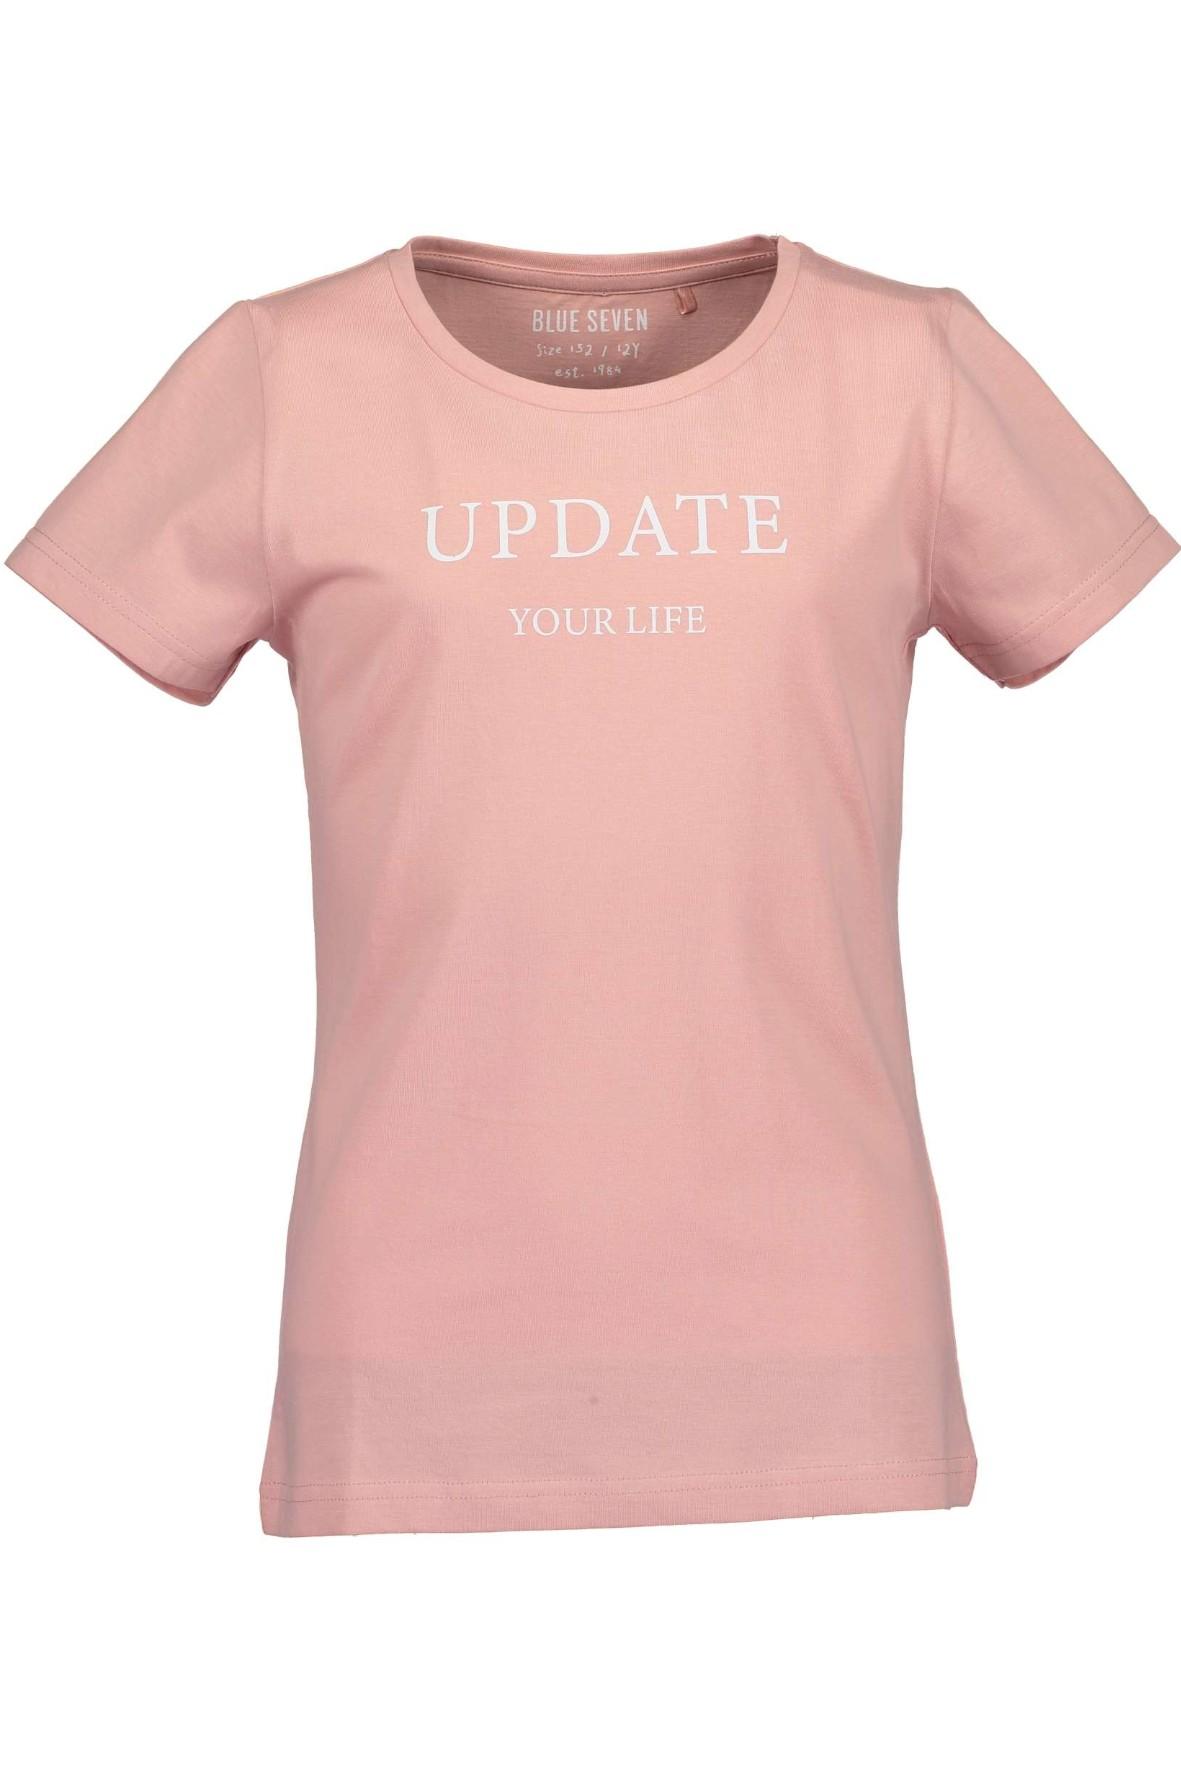 T-shirt dziewczęcy różowy z białym napisem